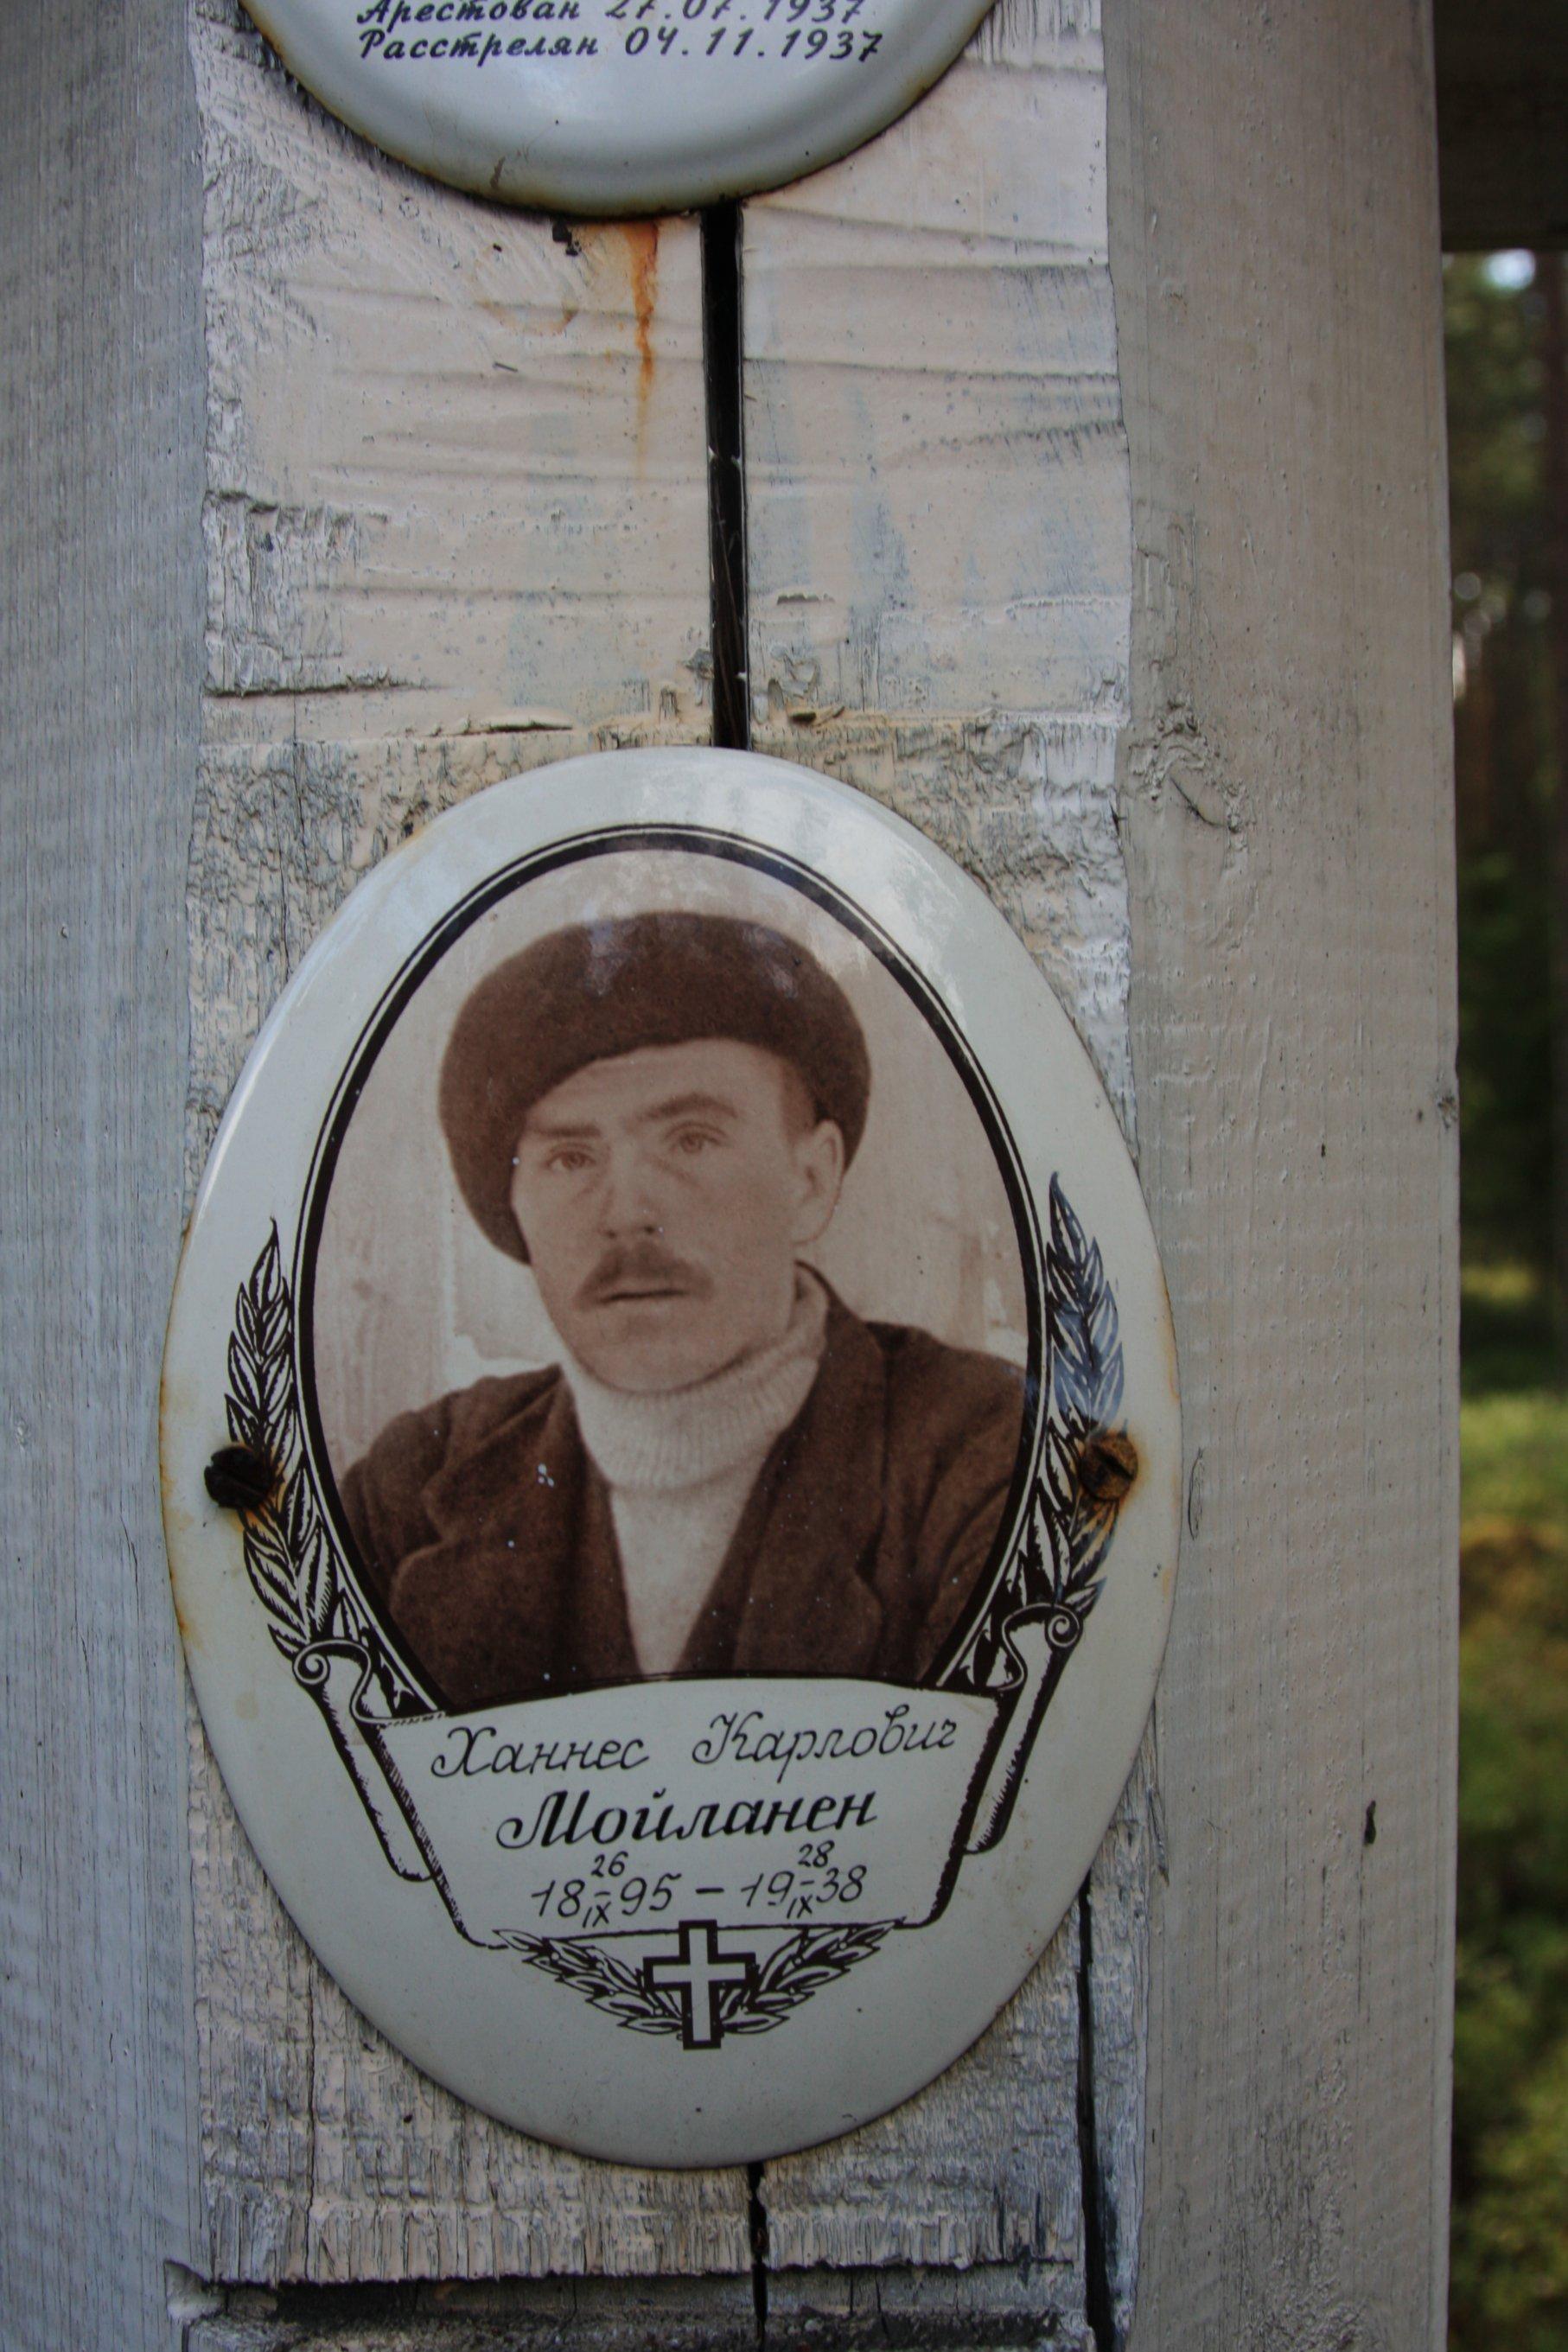 Памятная табличка «Ханнес Карлович Мойланен». Фото 04.08.2018.